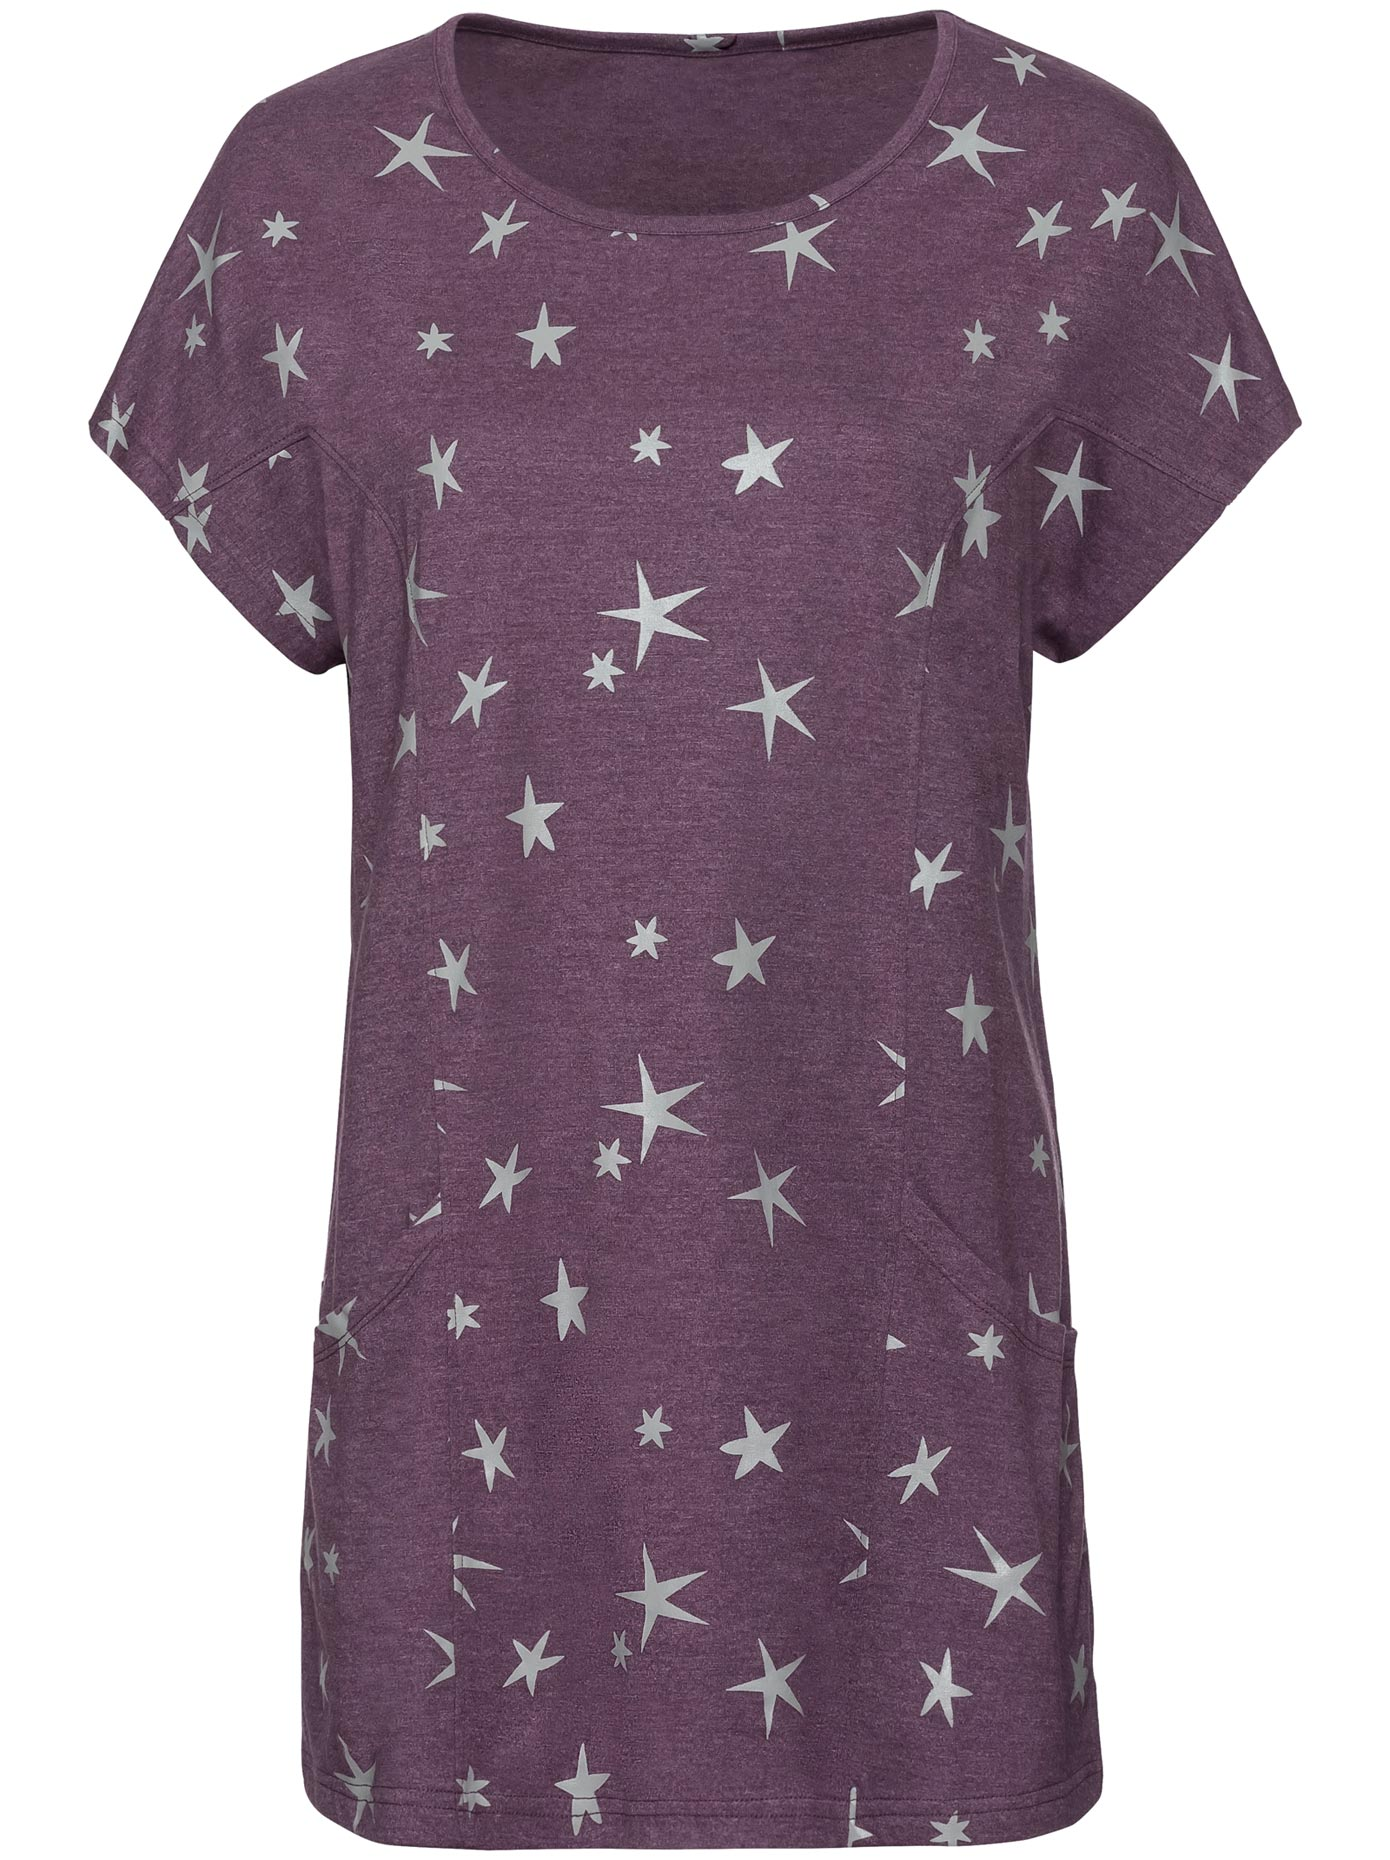 Longshirt im aktuellen Sternchen-Dessin | Bekleidung > Shirts > Longshirts | Lila